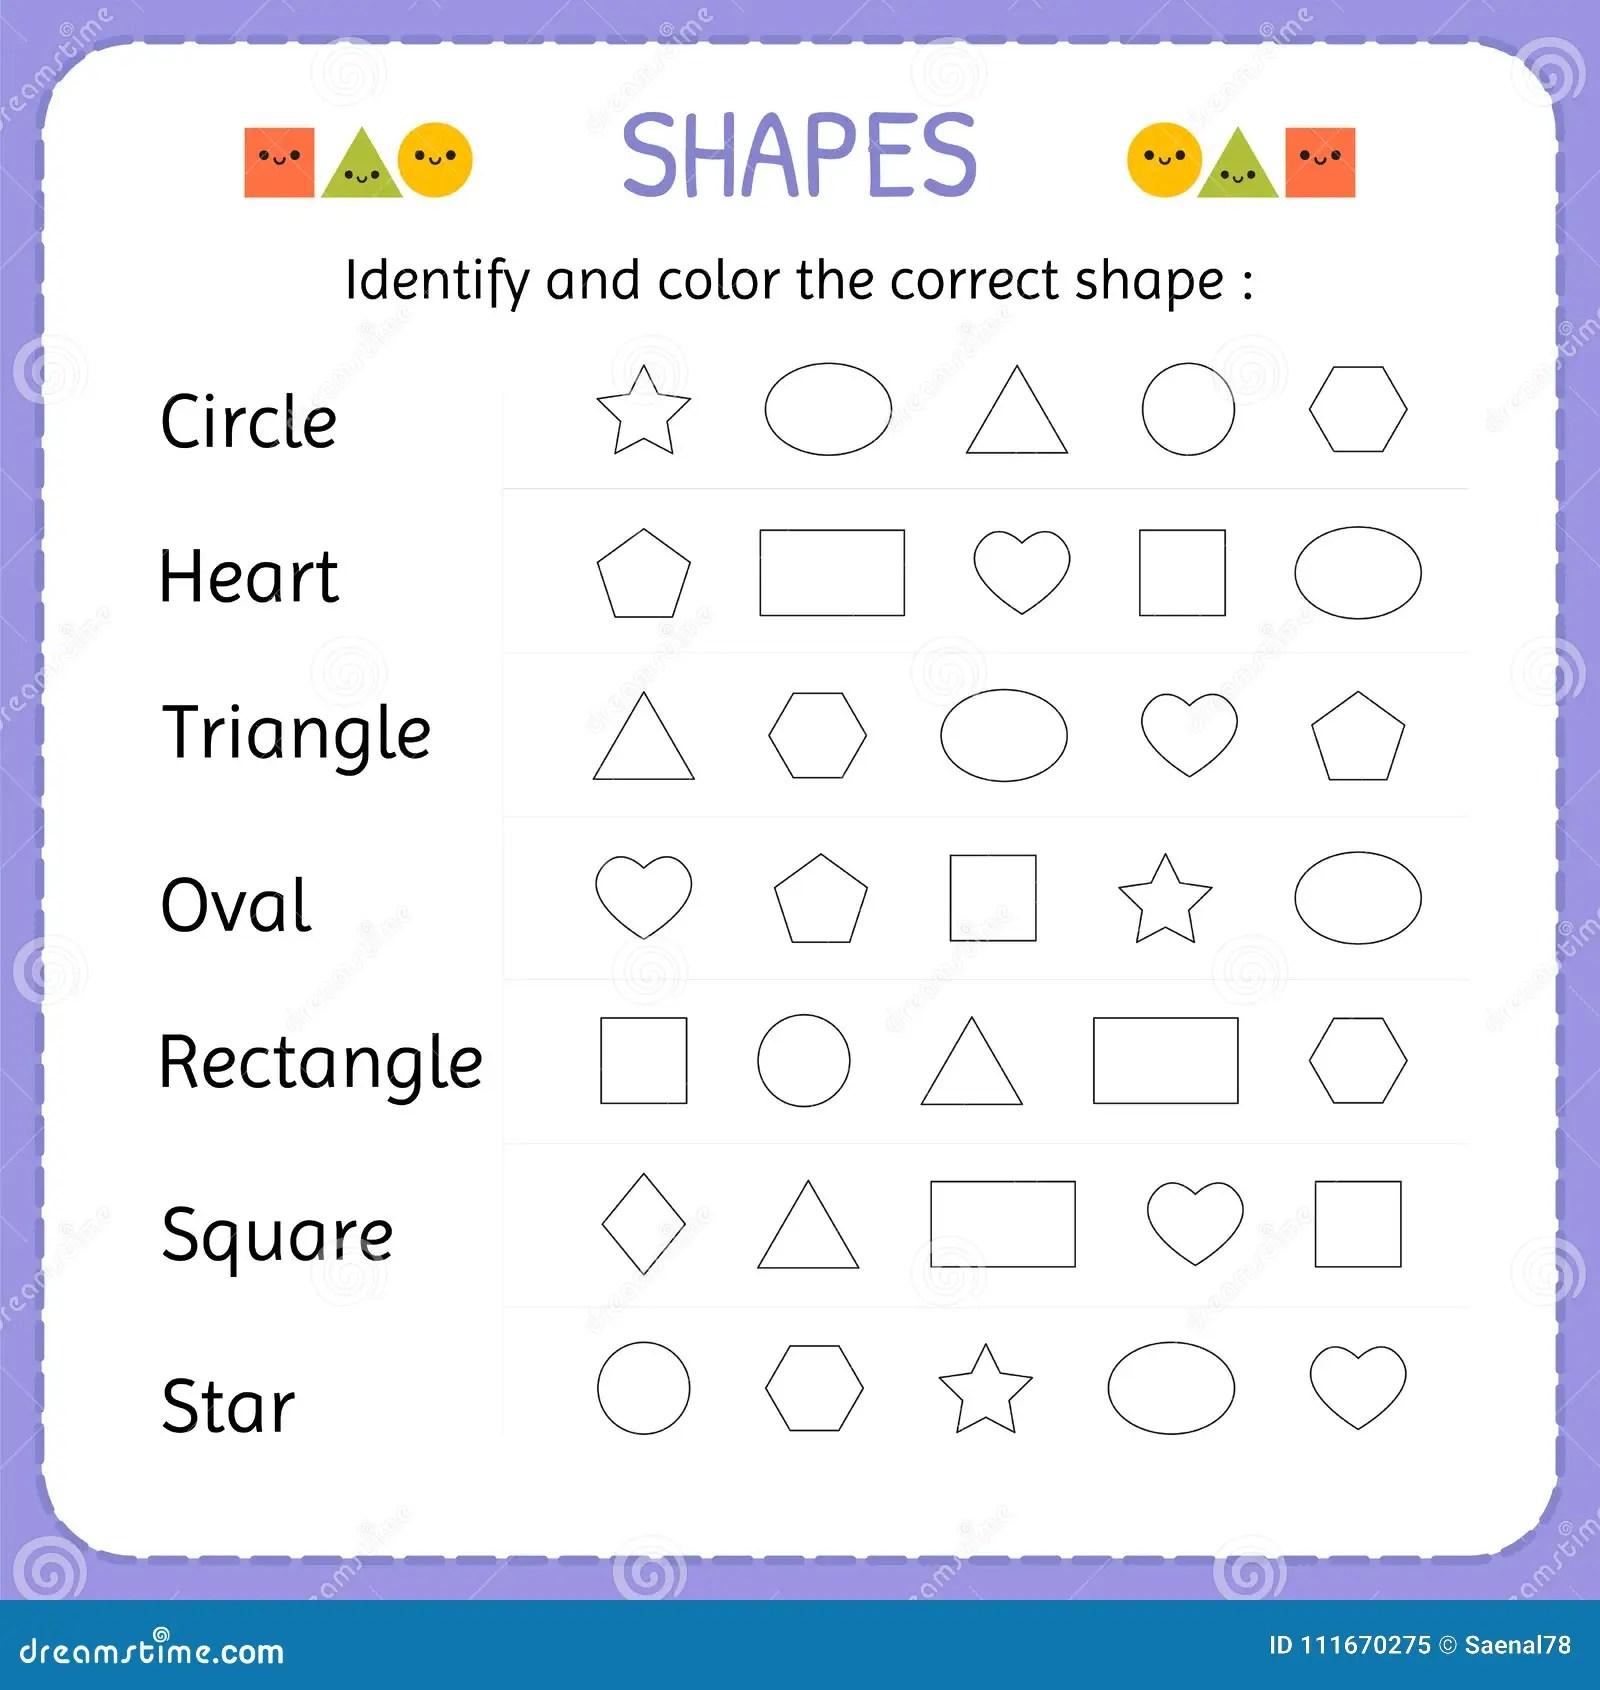 Identifique Y Coloree La Forma Correcta Aprenda Las Formas Y Las Figuras Geometricas Preescolar